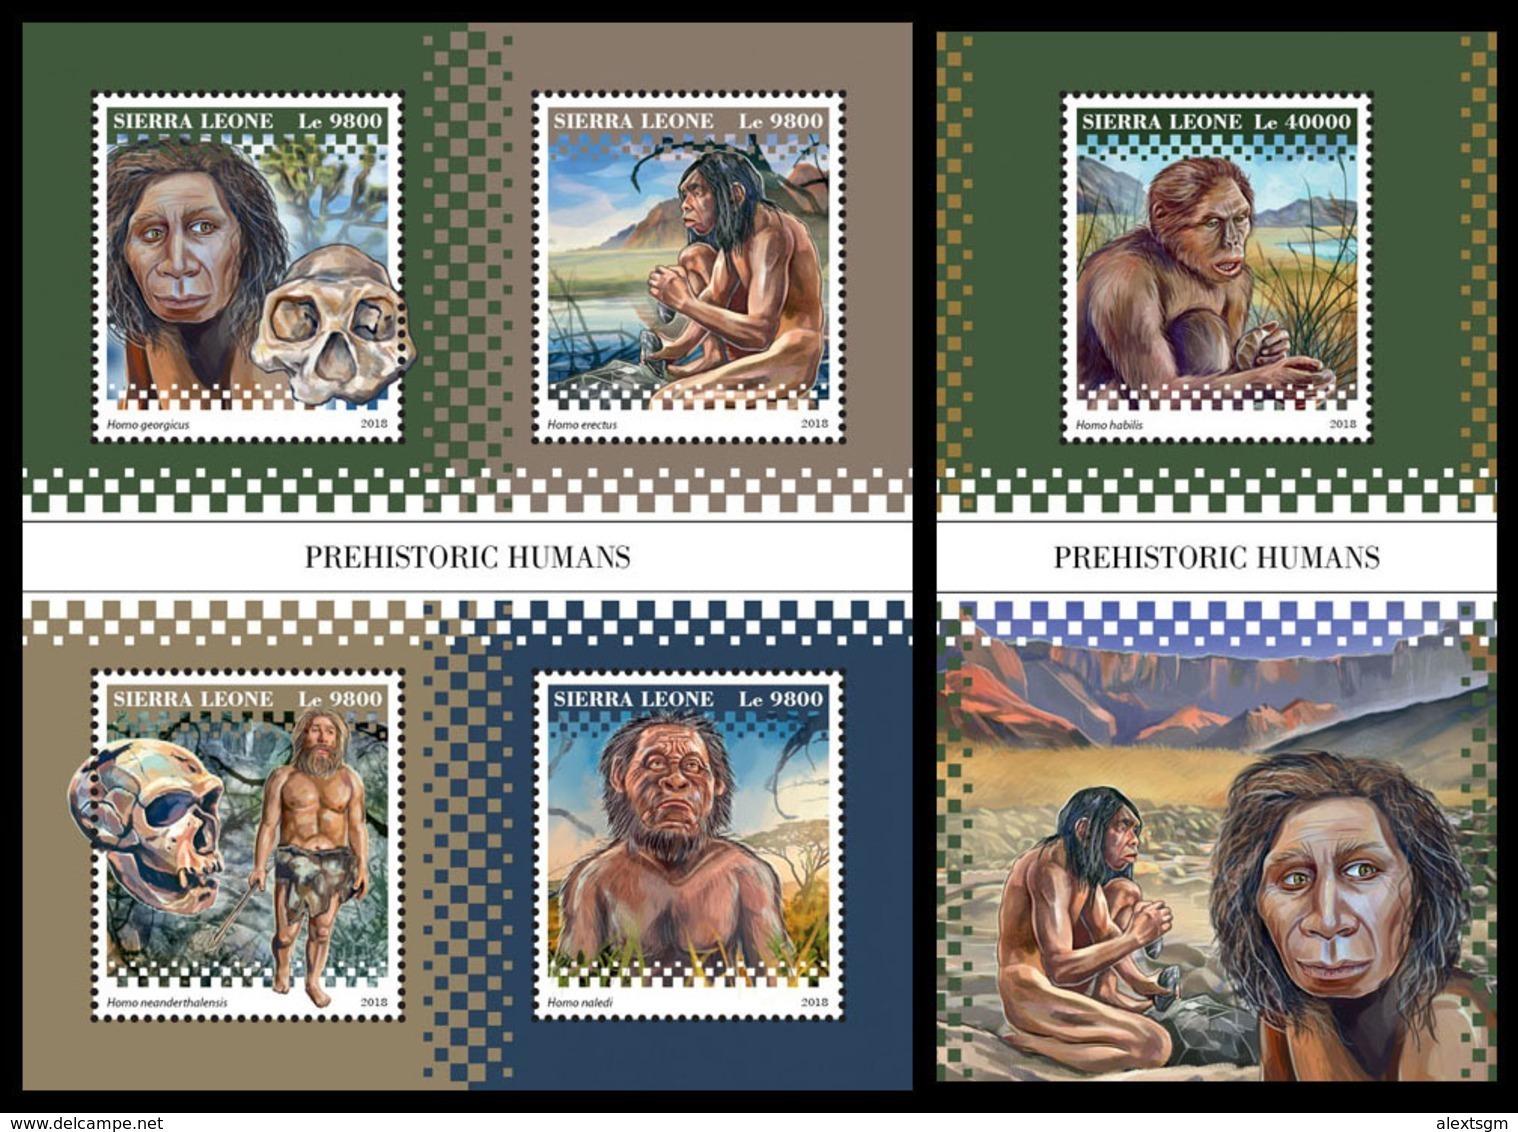 SIERRA LEONE 2018 - Prehistoric Humans. M/S + S/S Official Issue. - Prehistorie